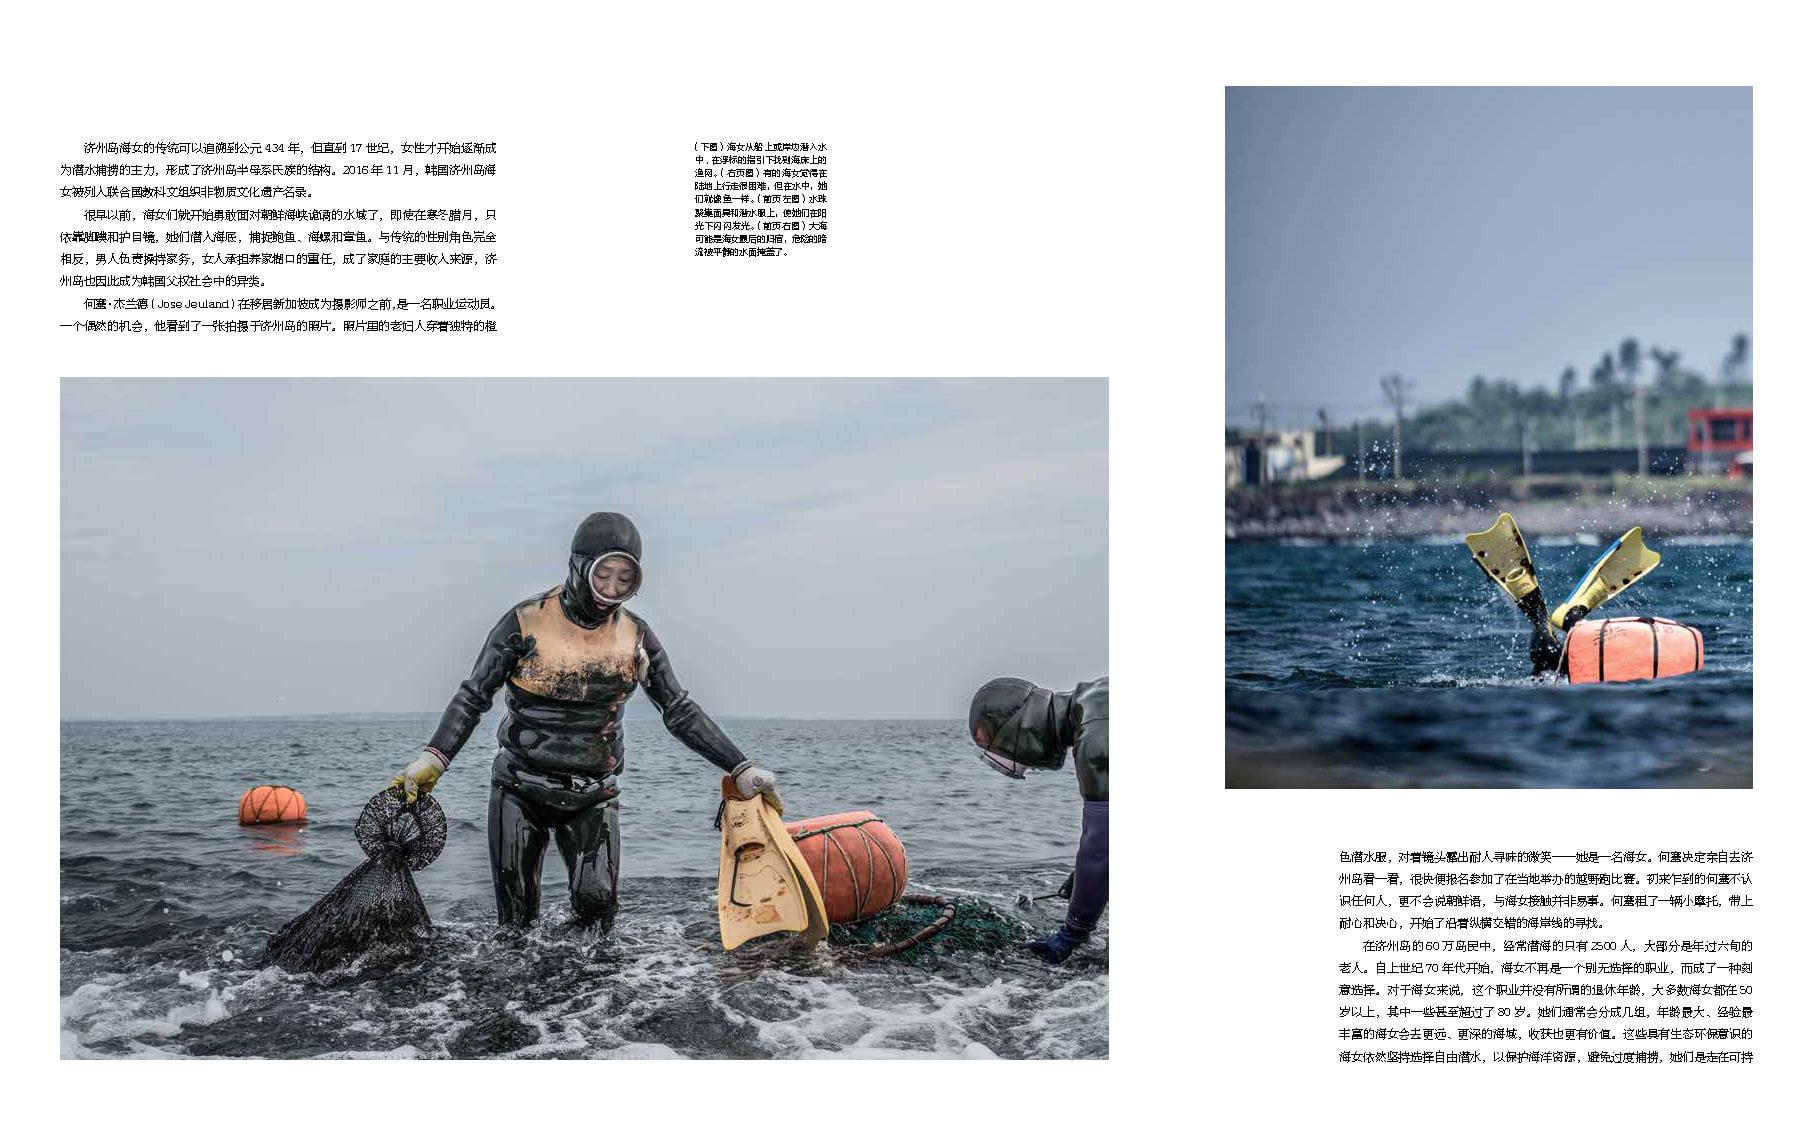 National Geographic China Haenyeo Women Divers Documentary Photography Jose Jeuland 2